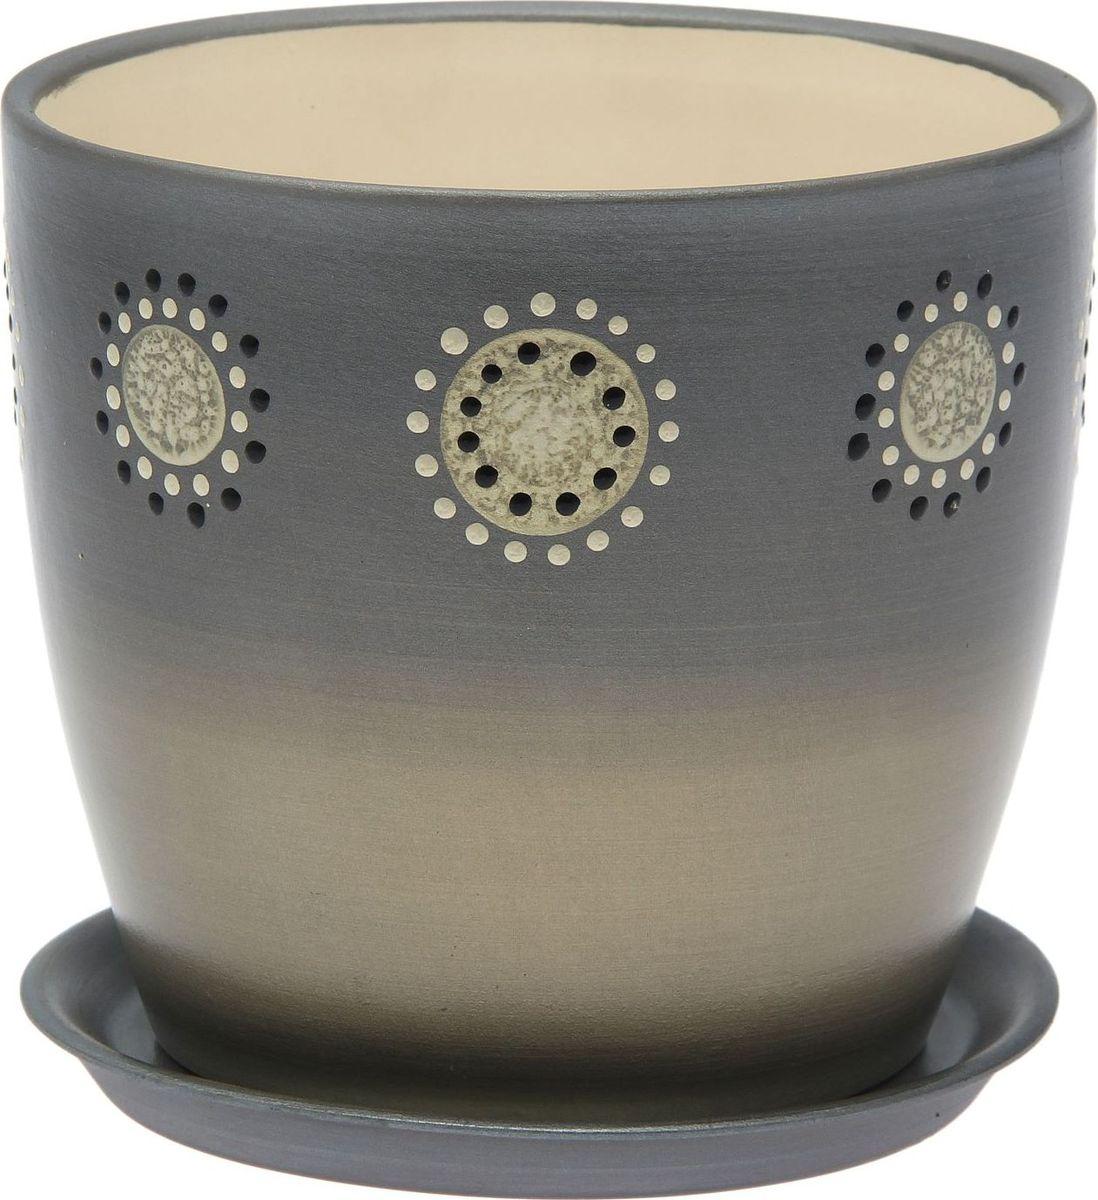 Кашпо Керамика ручной работы Осень. Дорисовка, цвет: серебристый, 3 л1968906Комнатные растения — всеобщие любимцы. Они радуют глаз, насыщают помещение кислородом и украшают пространство. Каждому из них необходим свой удобный и красивый дом. Кашпо из керамики прекрасно подходят для высадки растений: за счёт пластичности глины и разных способов обработки существует великое множество форм и дизайновпористый материал позволяет испаряться лишней влагевоздух, необходимый для дыхания корней, проникает сквозь керамические стенки! #name# позаботится о зелёном питомце, освежит интерьер и подчеркнёт его стиль.